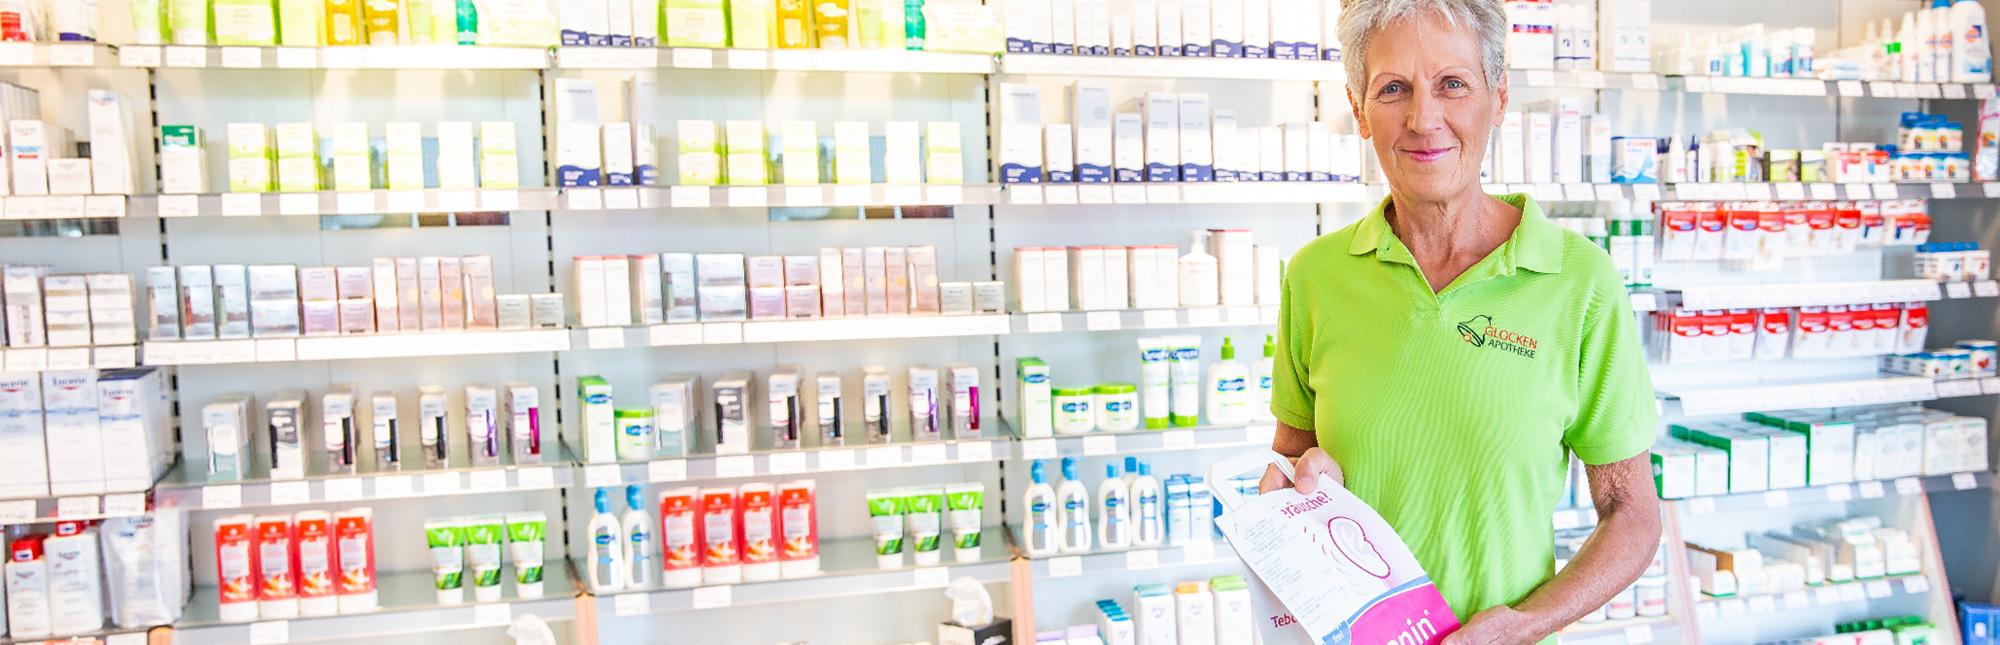 Vorbestellung und Lieferung von Medikamenten